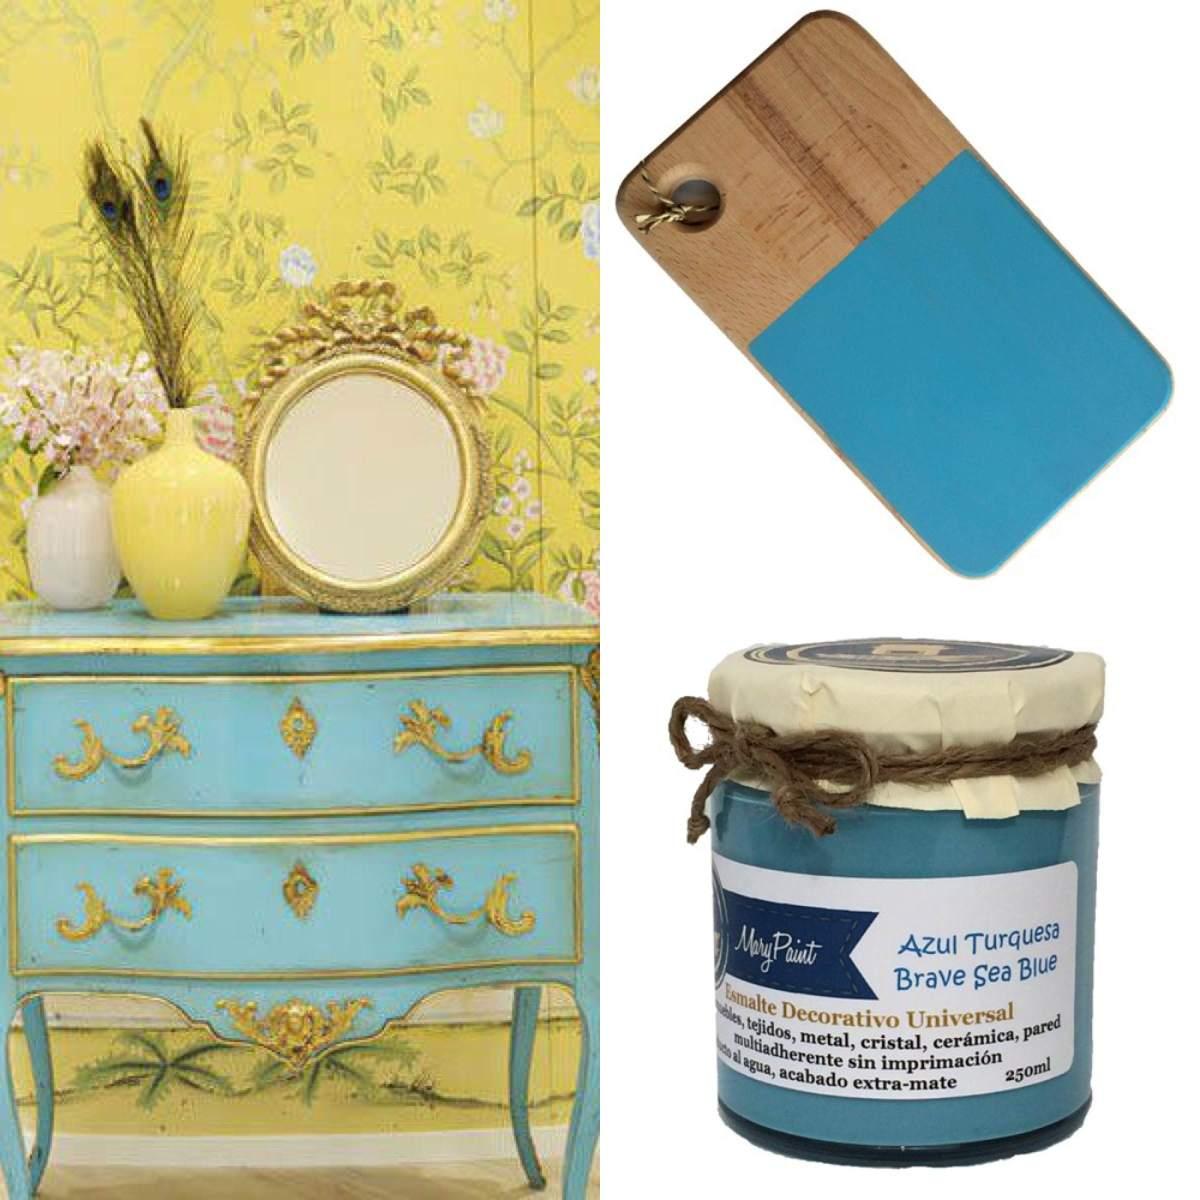 Mueble Baño Azul Turquesa:preparado un pequeño paseo por muebles pintados de azul turquesa